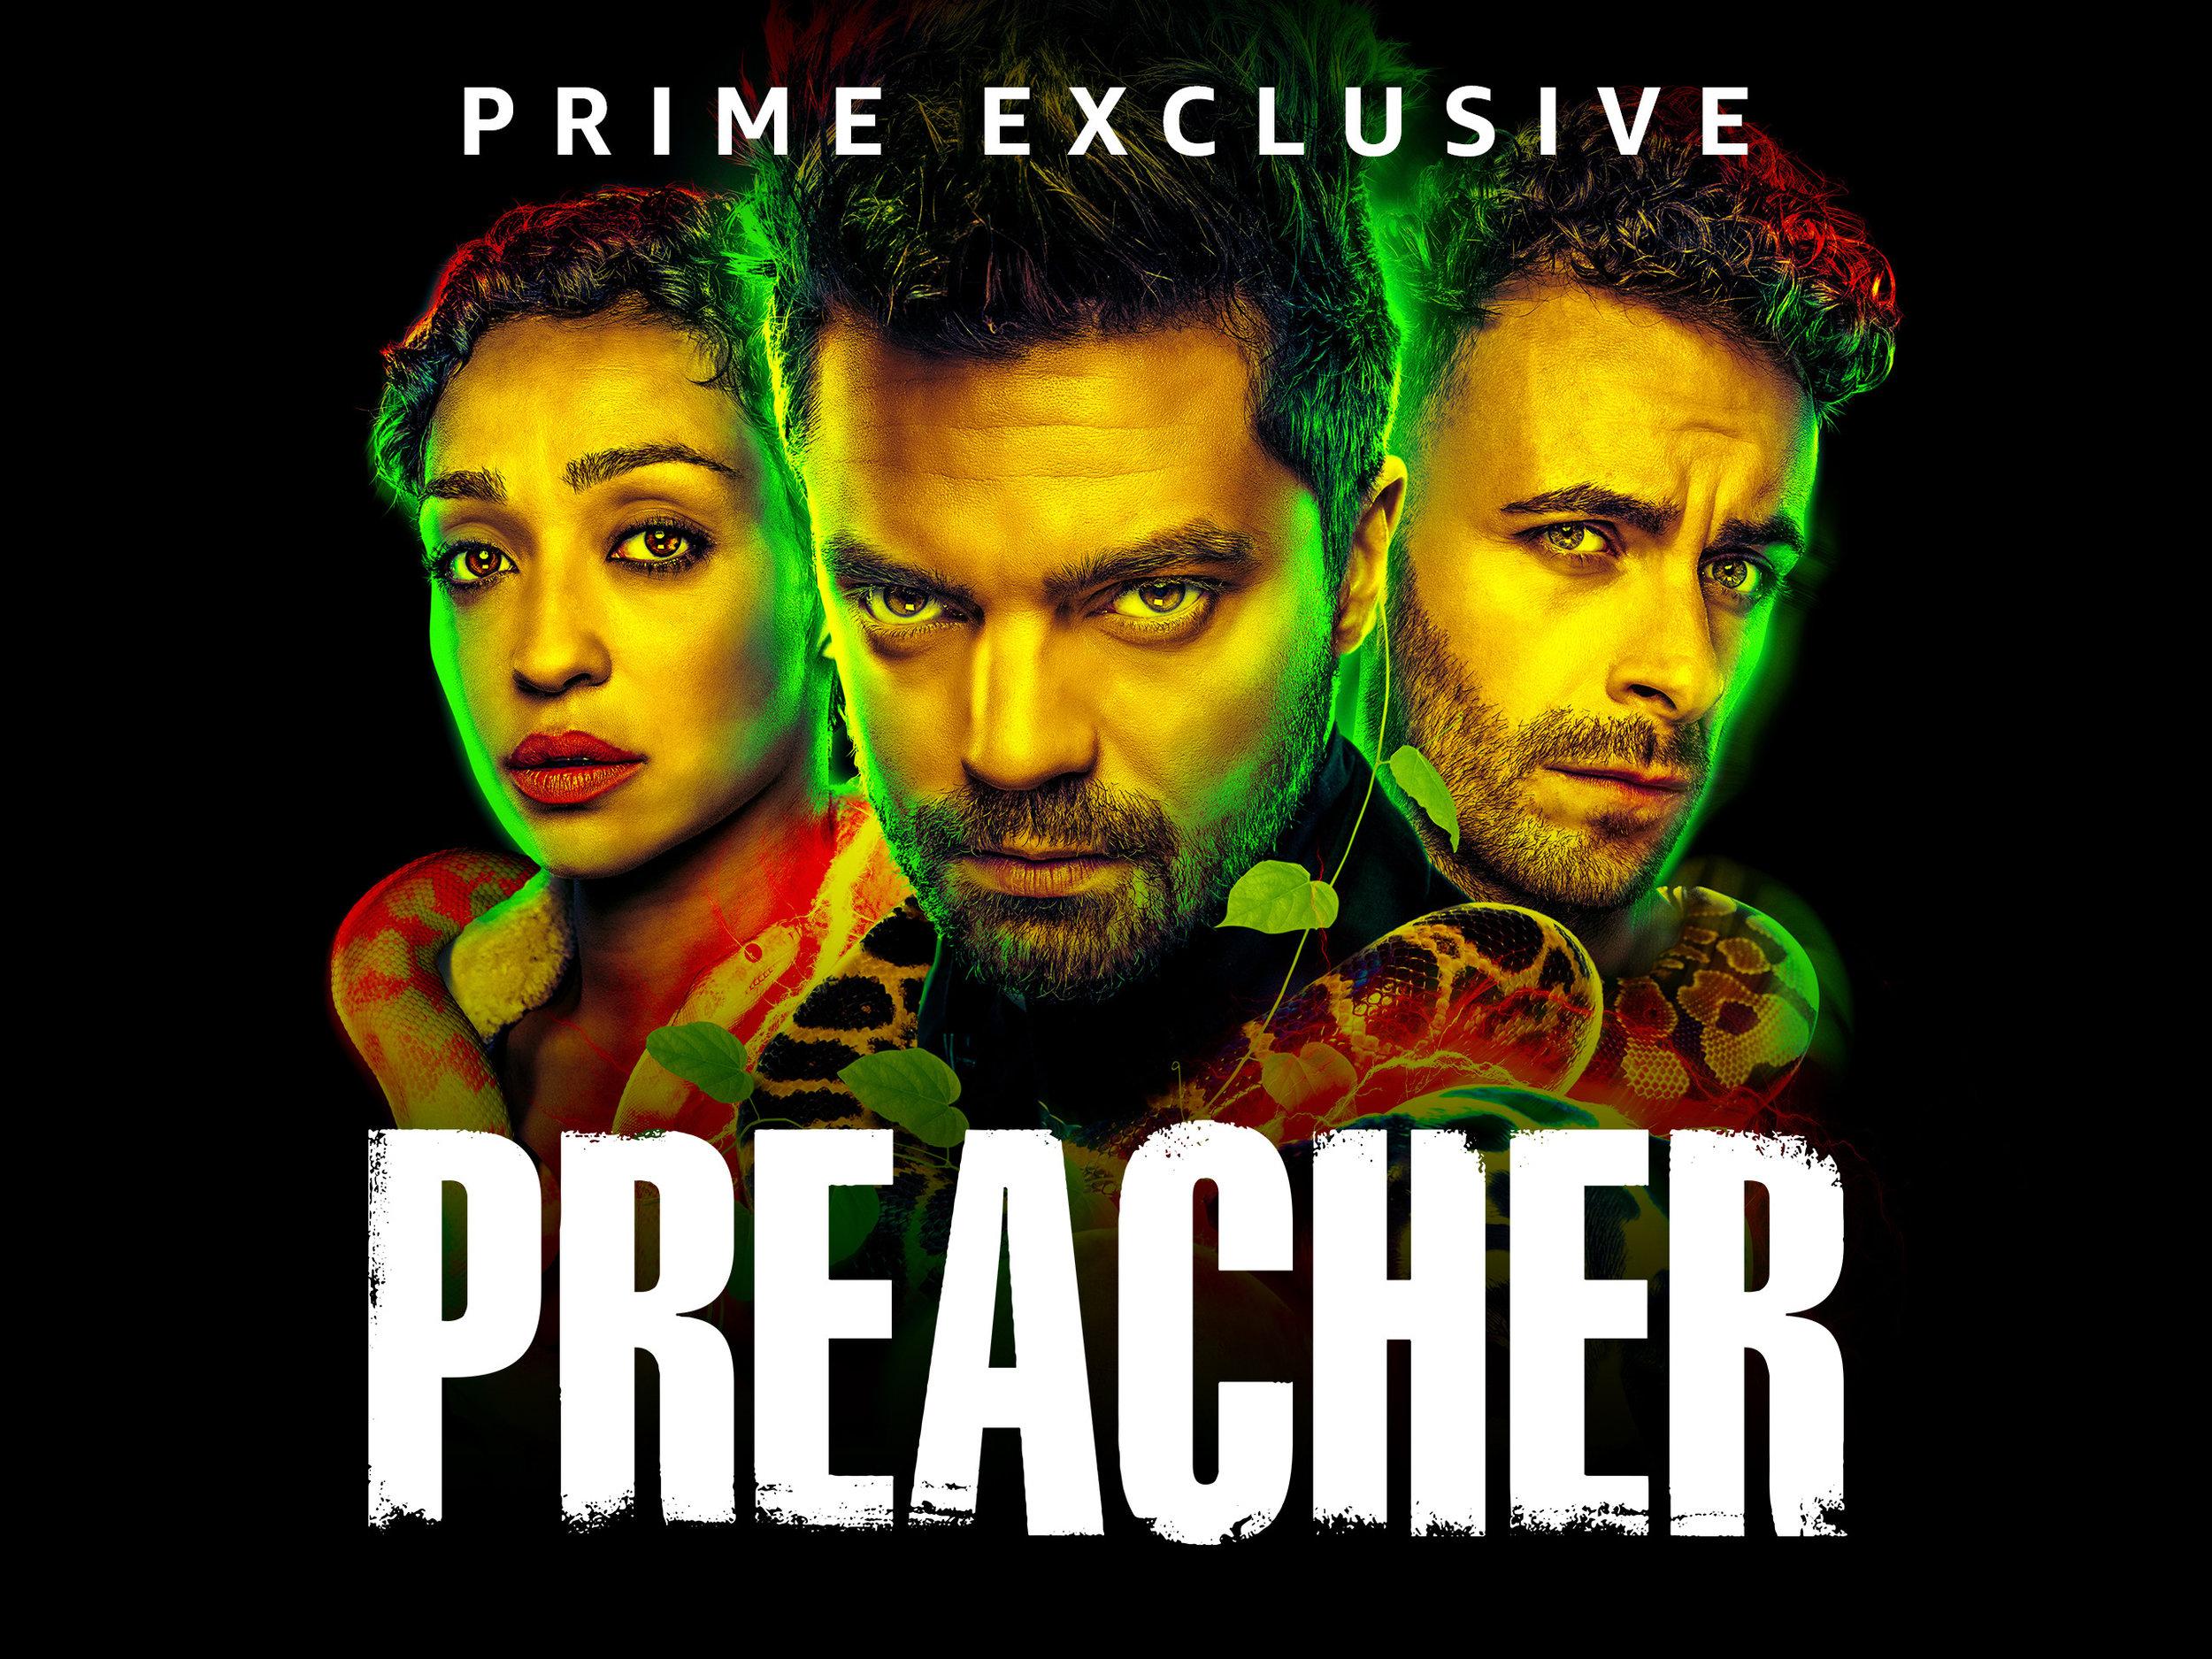 Preacher_S3_EU_BoxArt_2560x1920.jpg